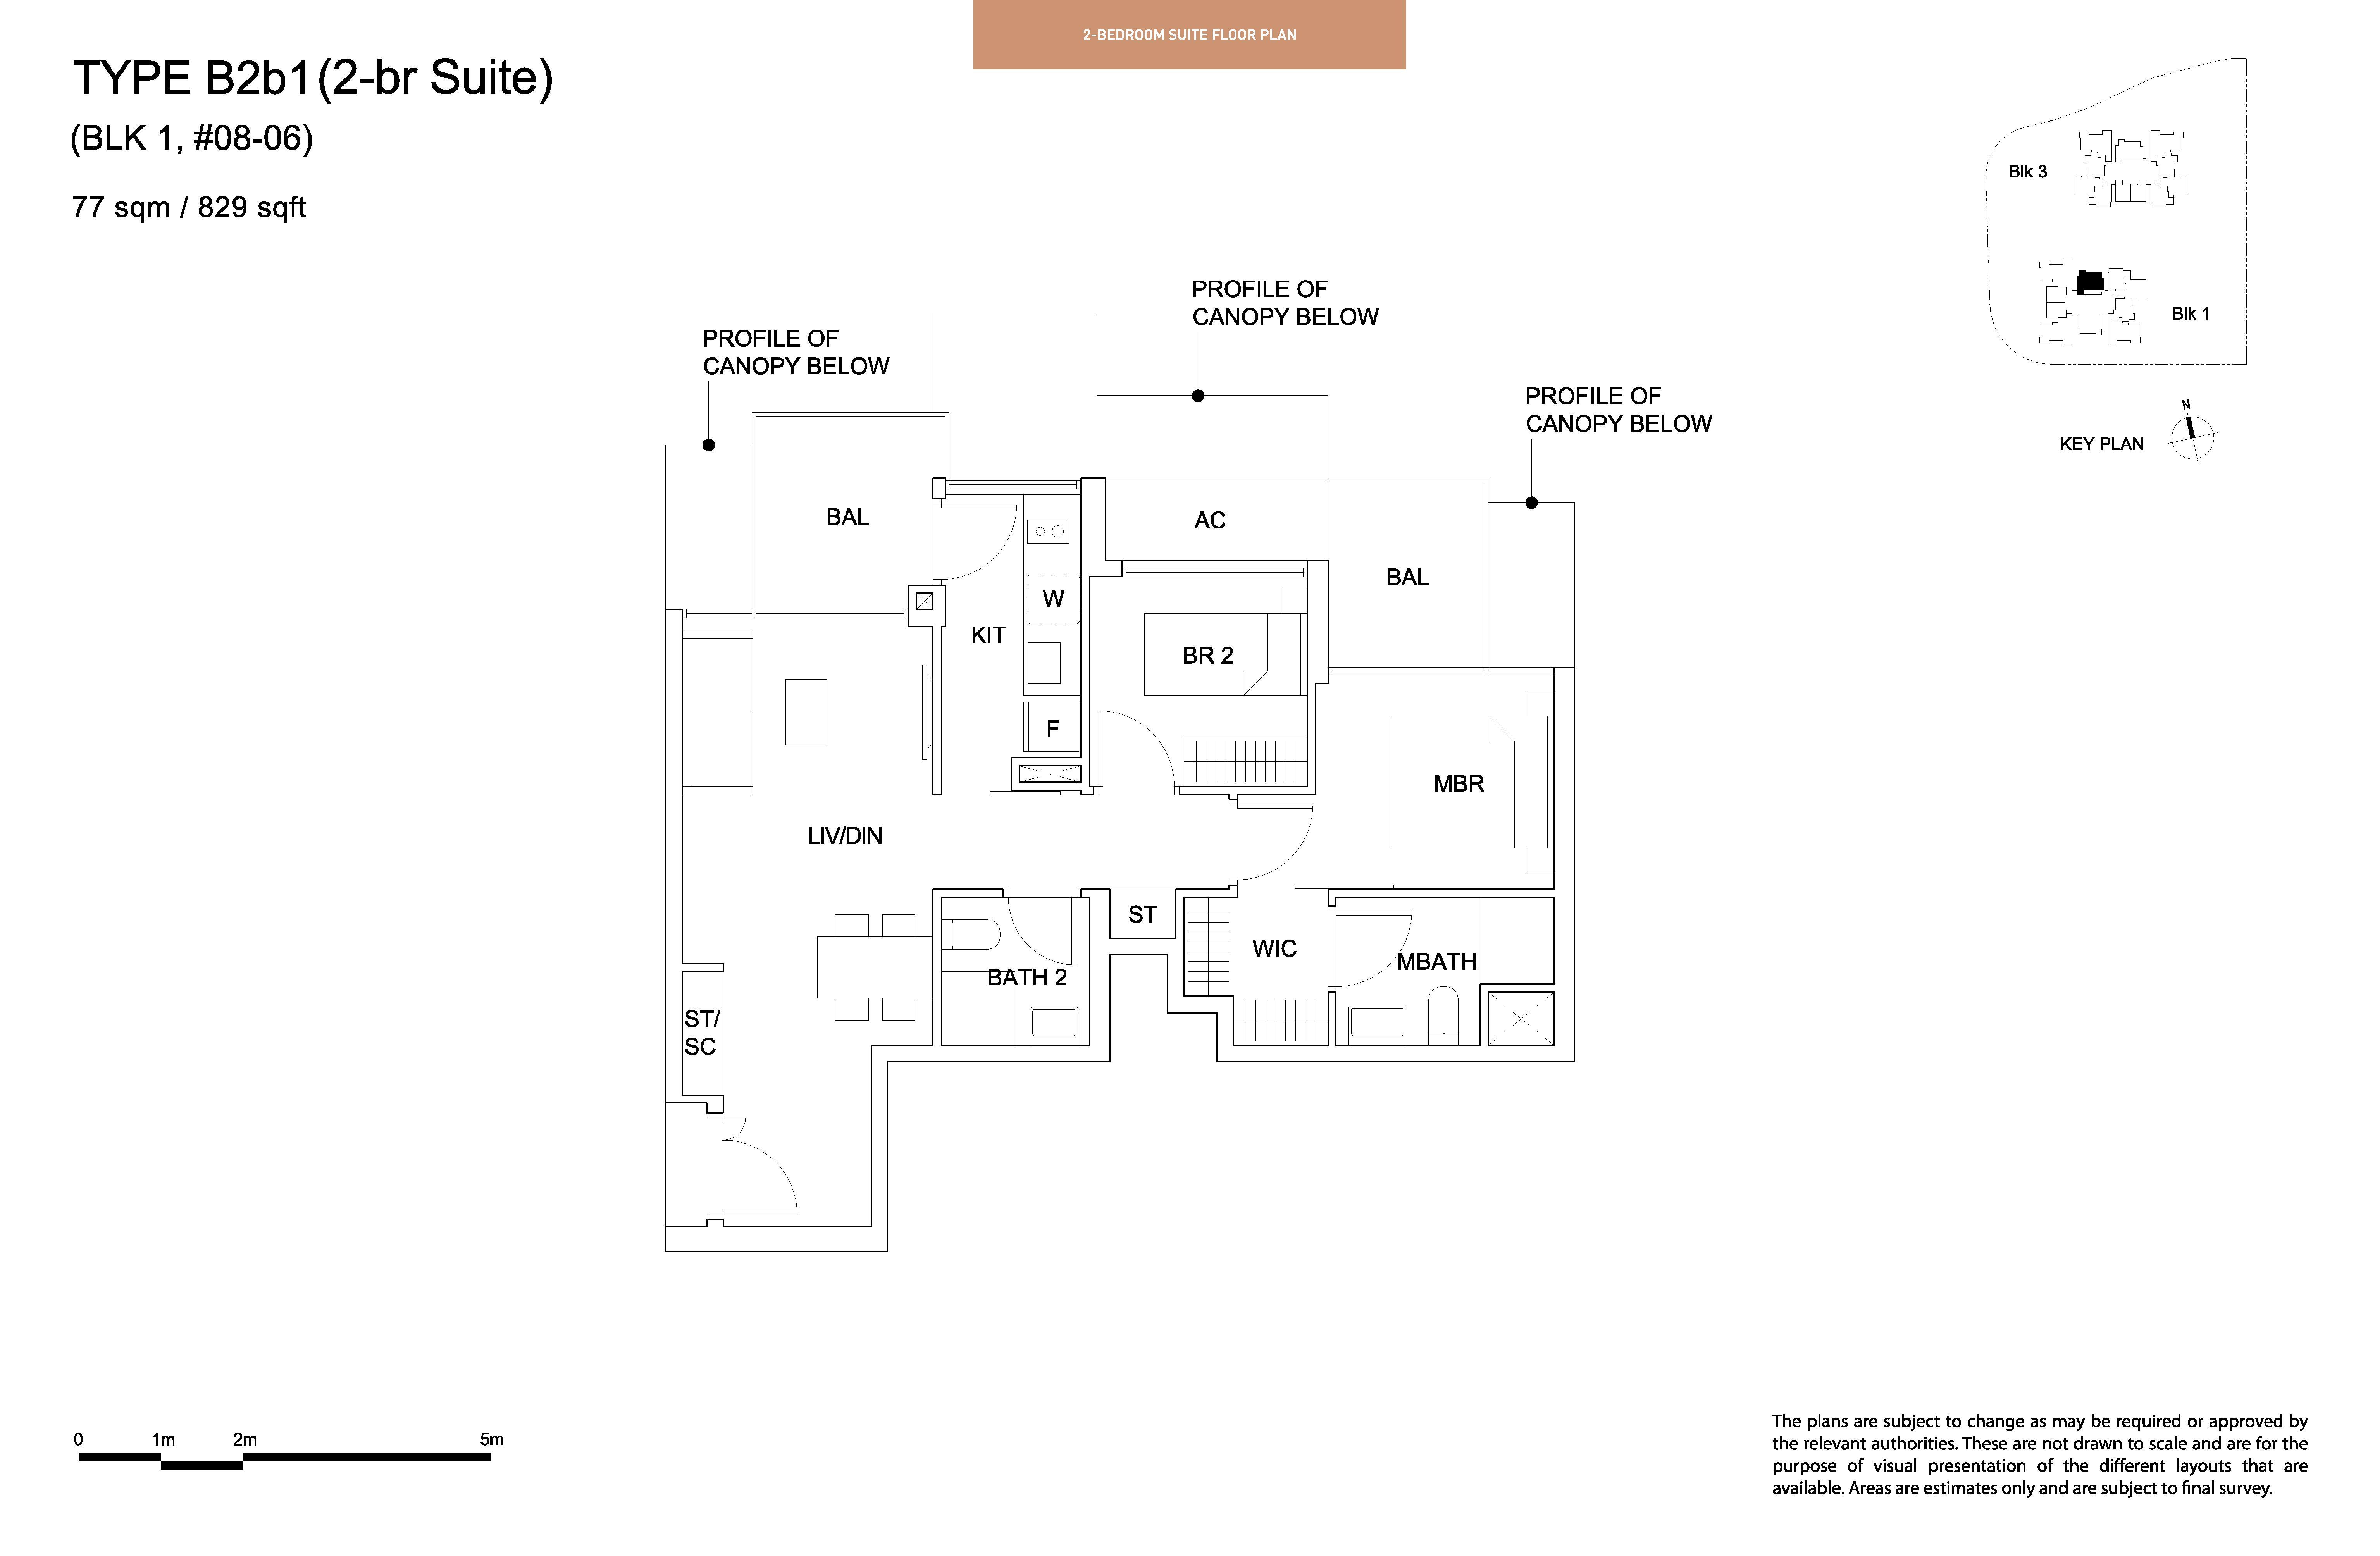 Sky Vue 2 Bedroom Suite Floor Plan Type B2b1